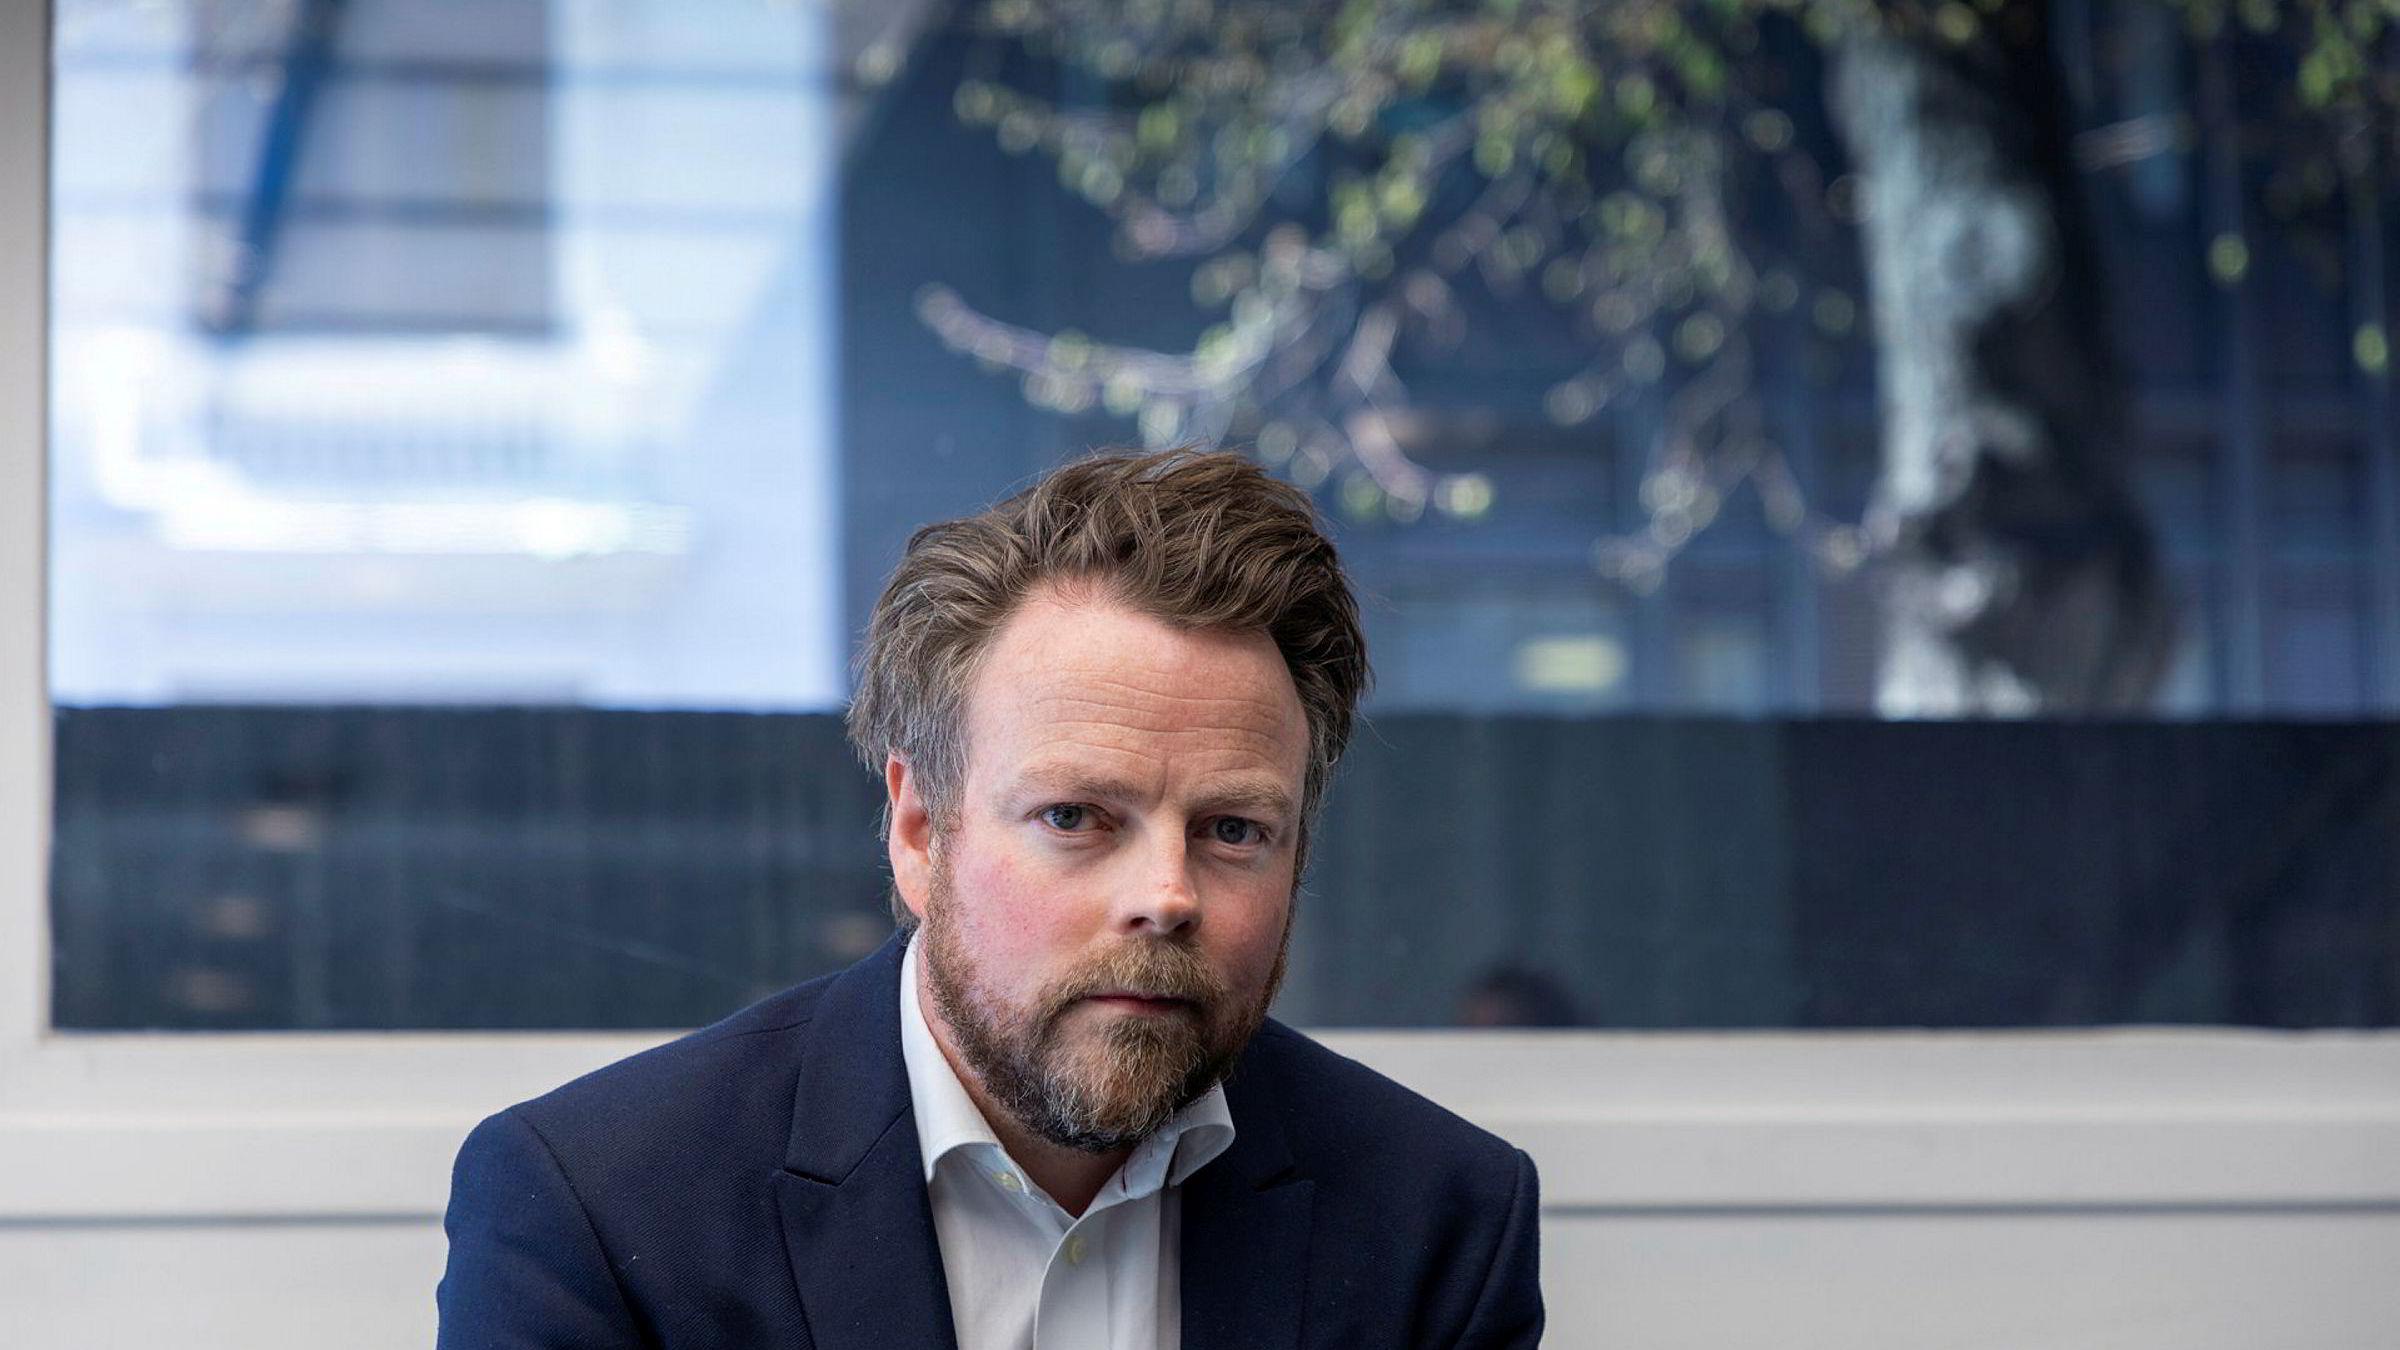 Arbeids- og sosialminister Torbjørn Røe Isaksen (H) varsler penger til å følge opp nytt regelverk for innleie i revidert nasjonalbudsjett.